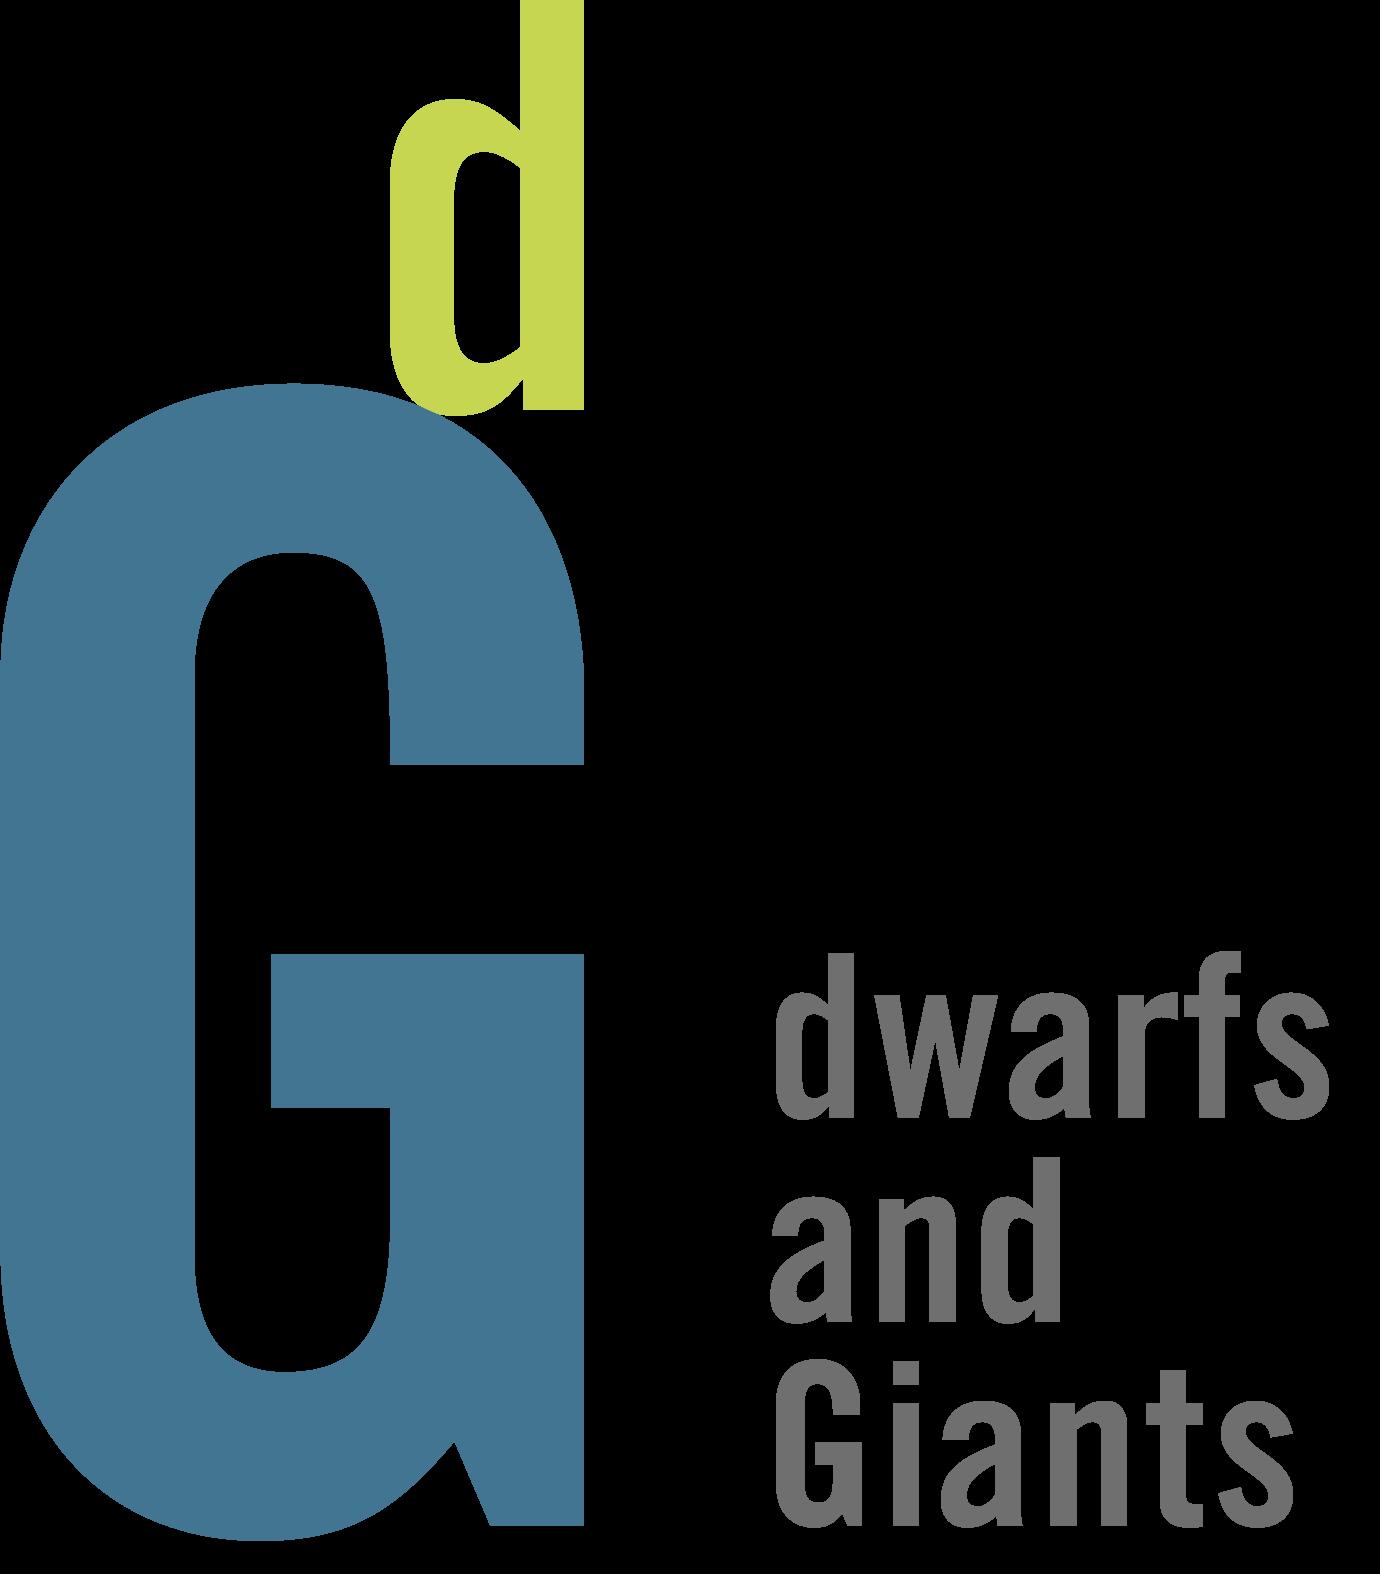 dwarfs and Giants logo